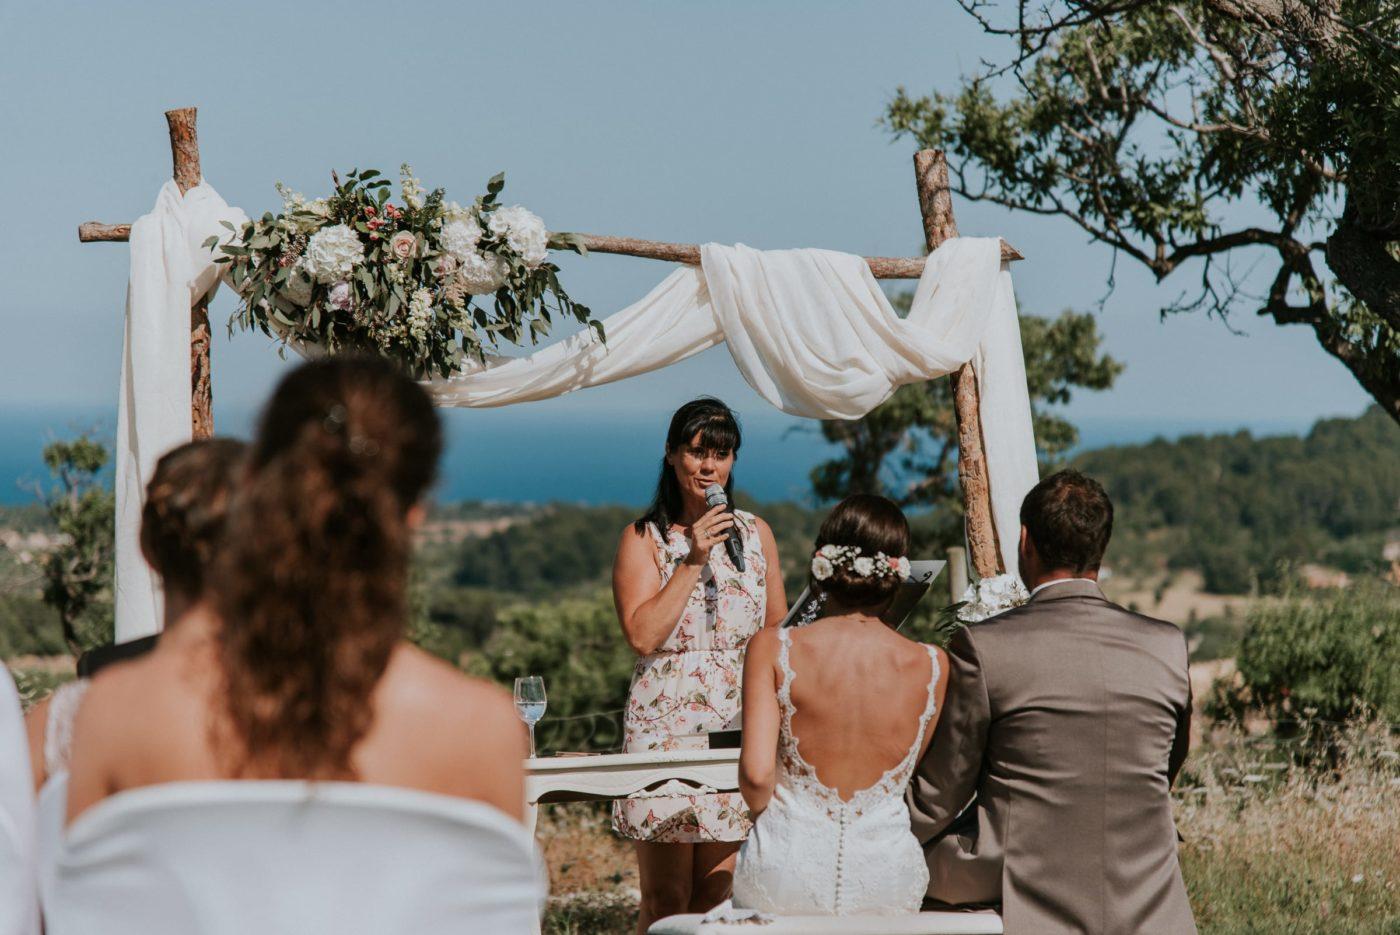 Perspektivenwechsel mit Blick auf mich und das Brautpaar mit dem Meer im Hintergrund.